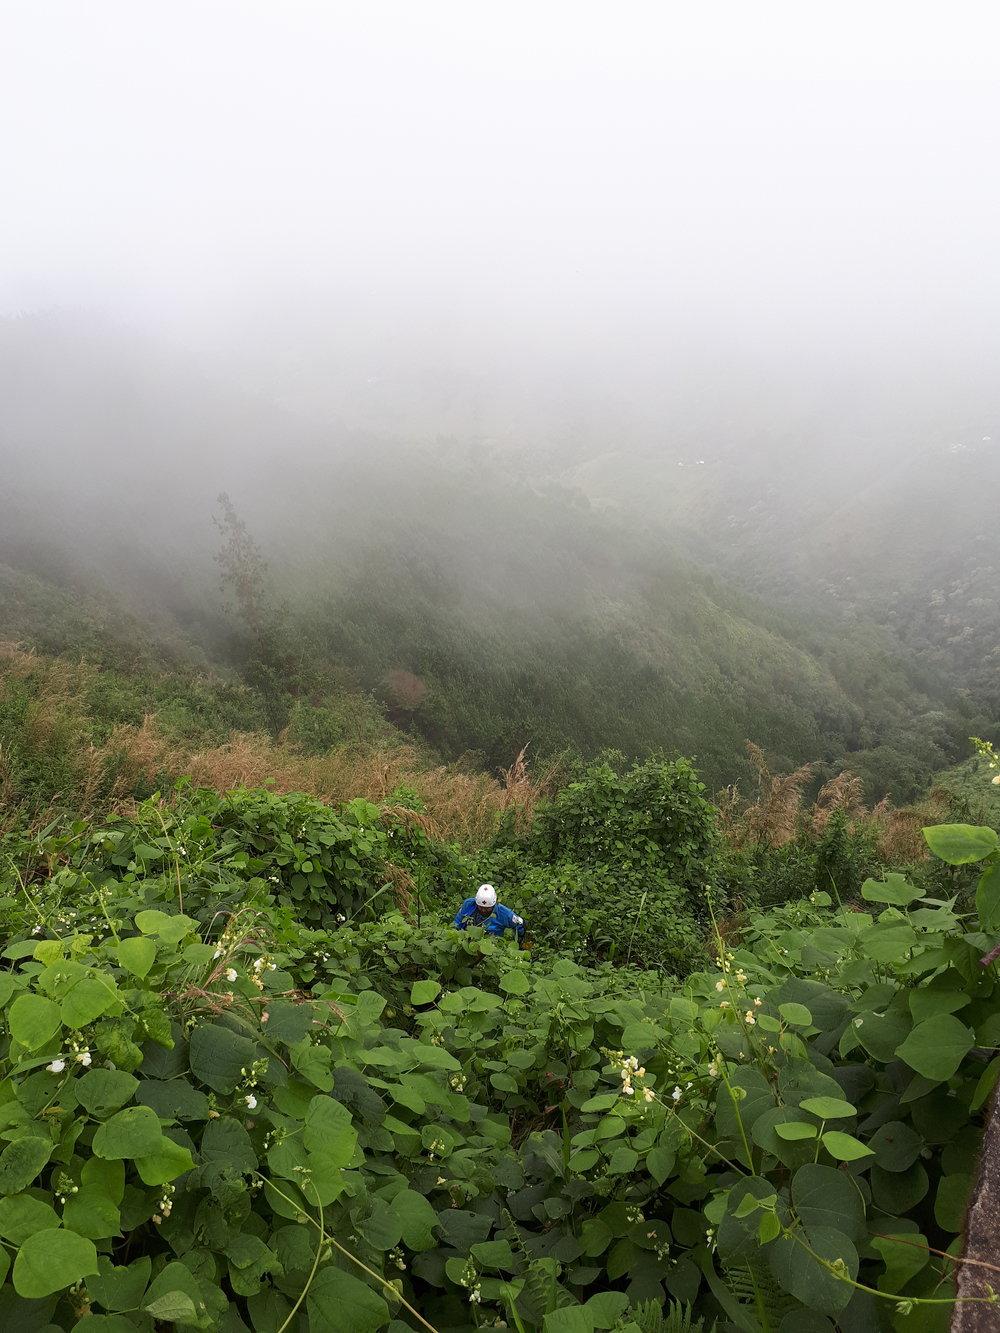 Colocación de los maniquiés en el lado de la montaña. Foto de: Kristine Nordås Toska.